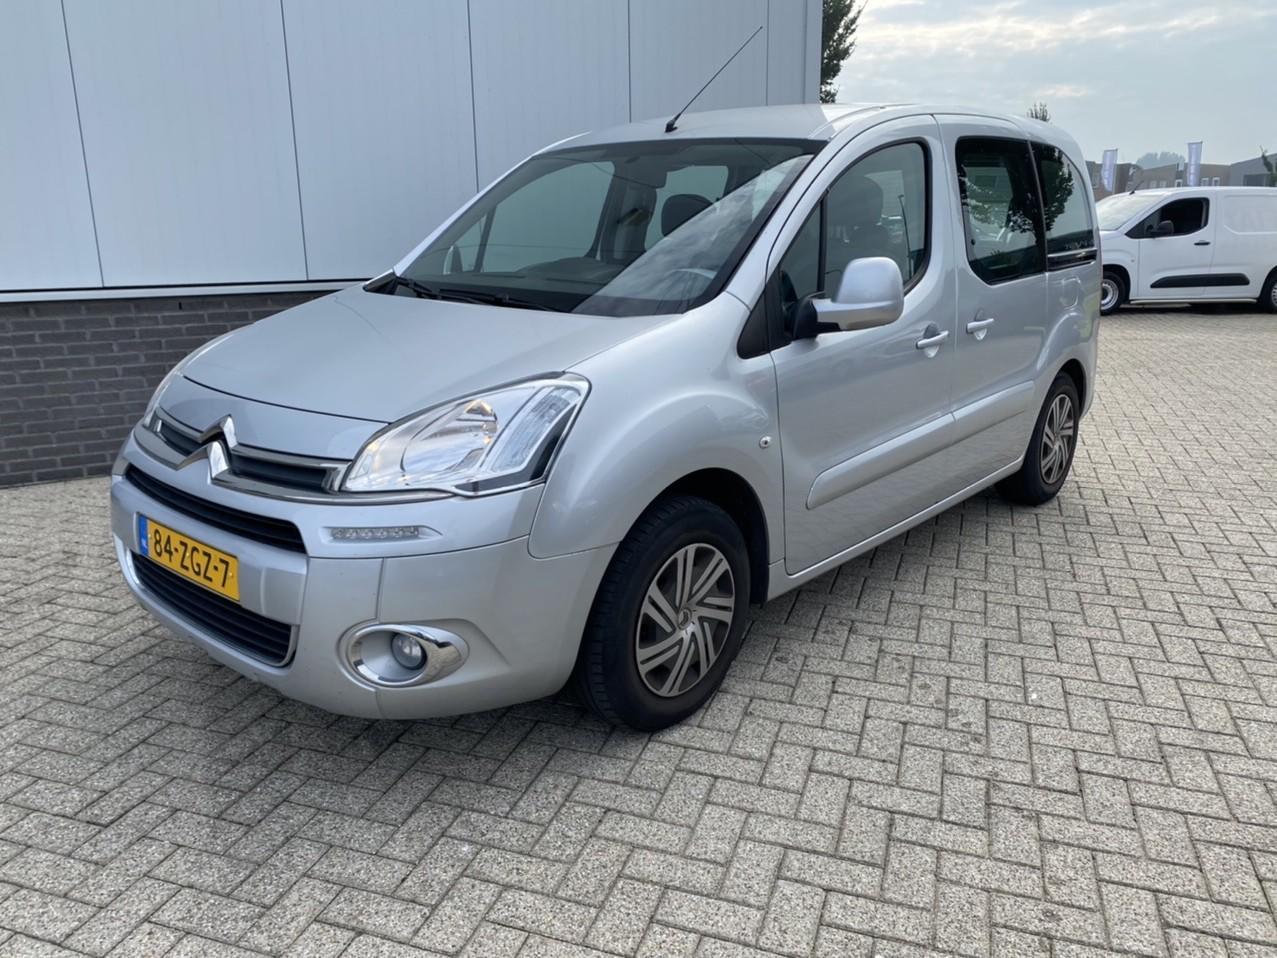 Citroën Berlingo 1.6 vti 95 pk rijklaar prijs